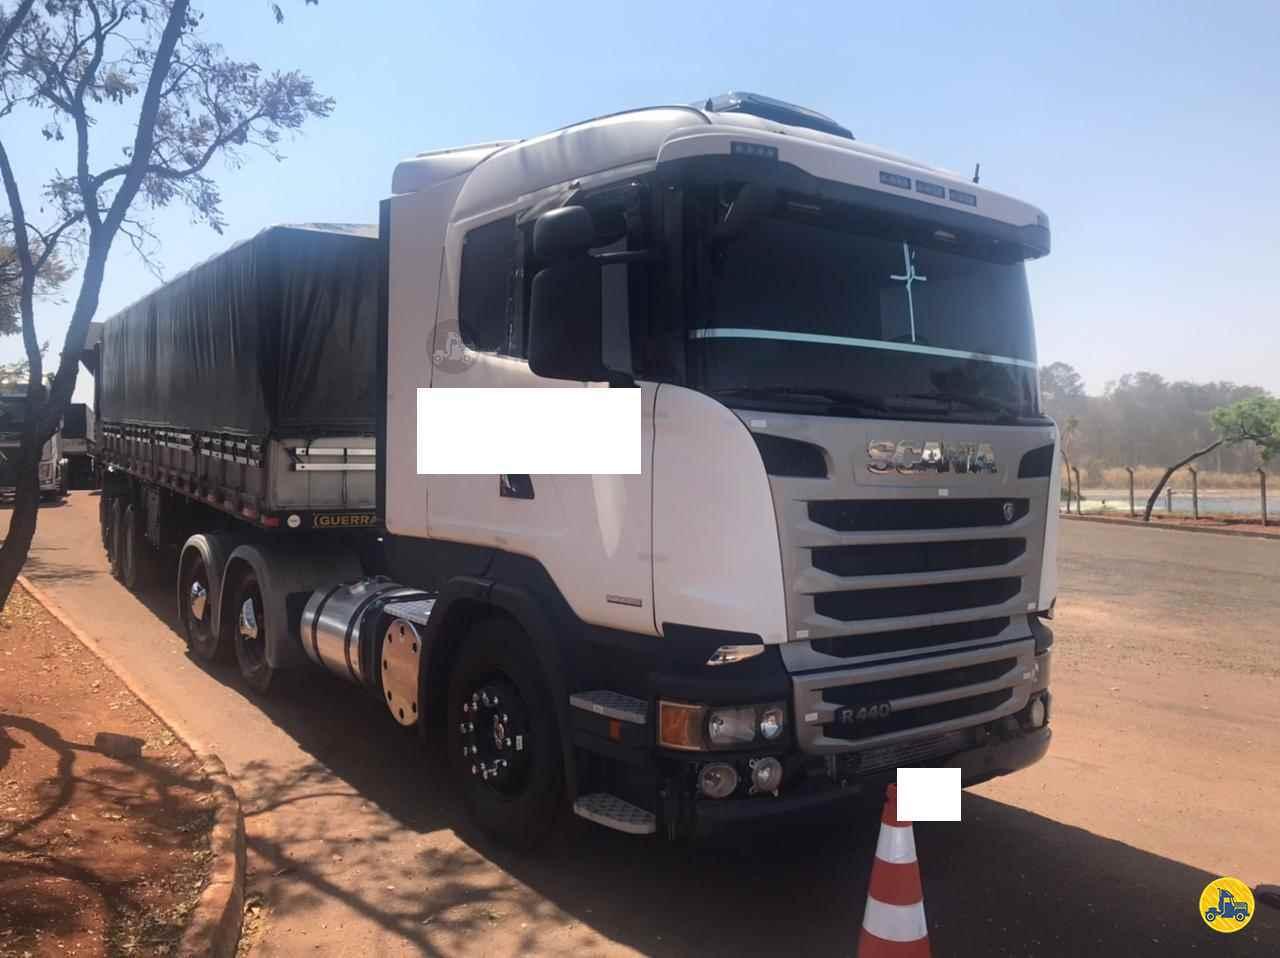 SCANIA 440 de RB Caminhões & Financiamentos - ARAGUARI/MG